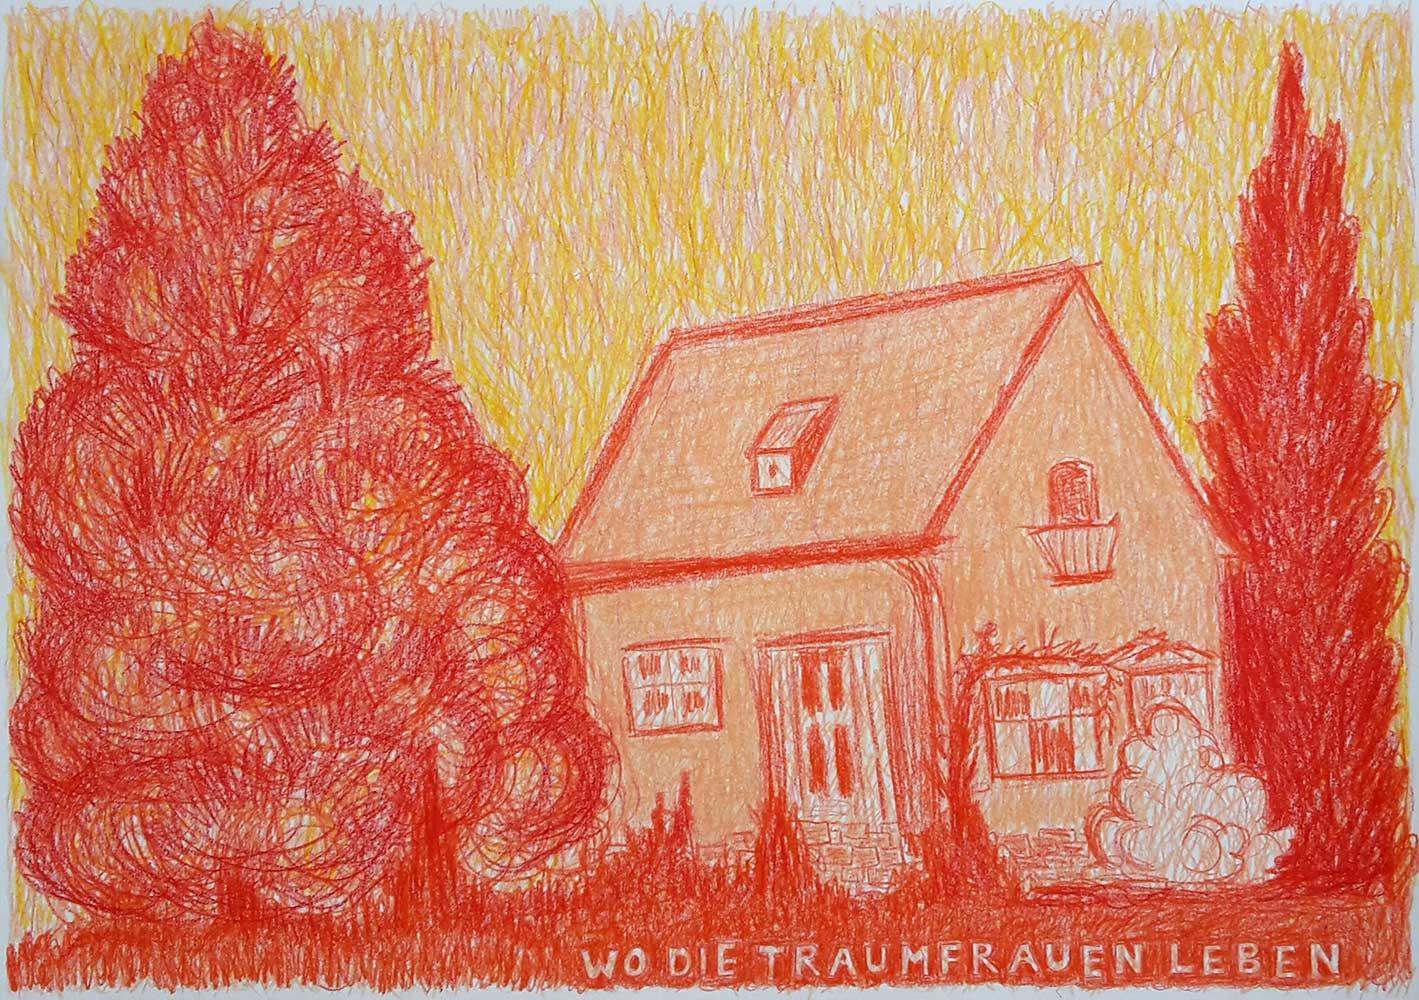 Wo die Traumfrauen leben tekening waspastel